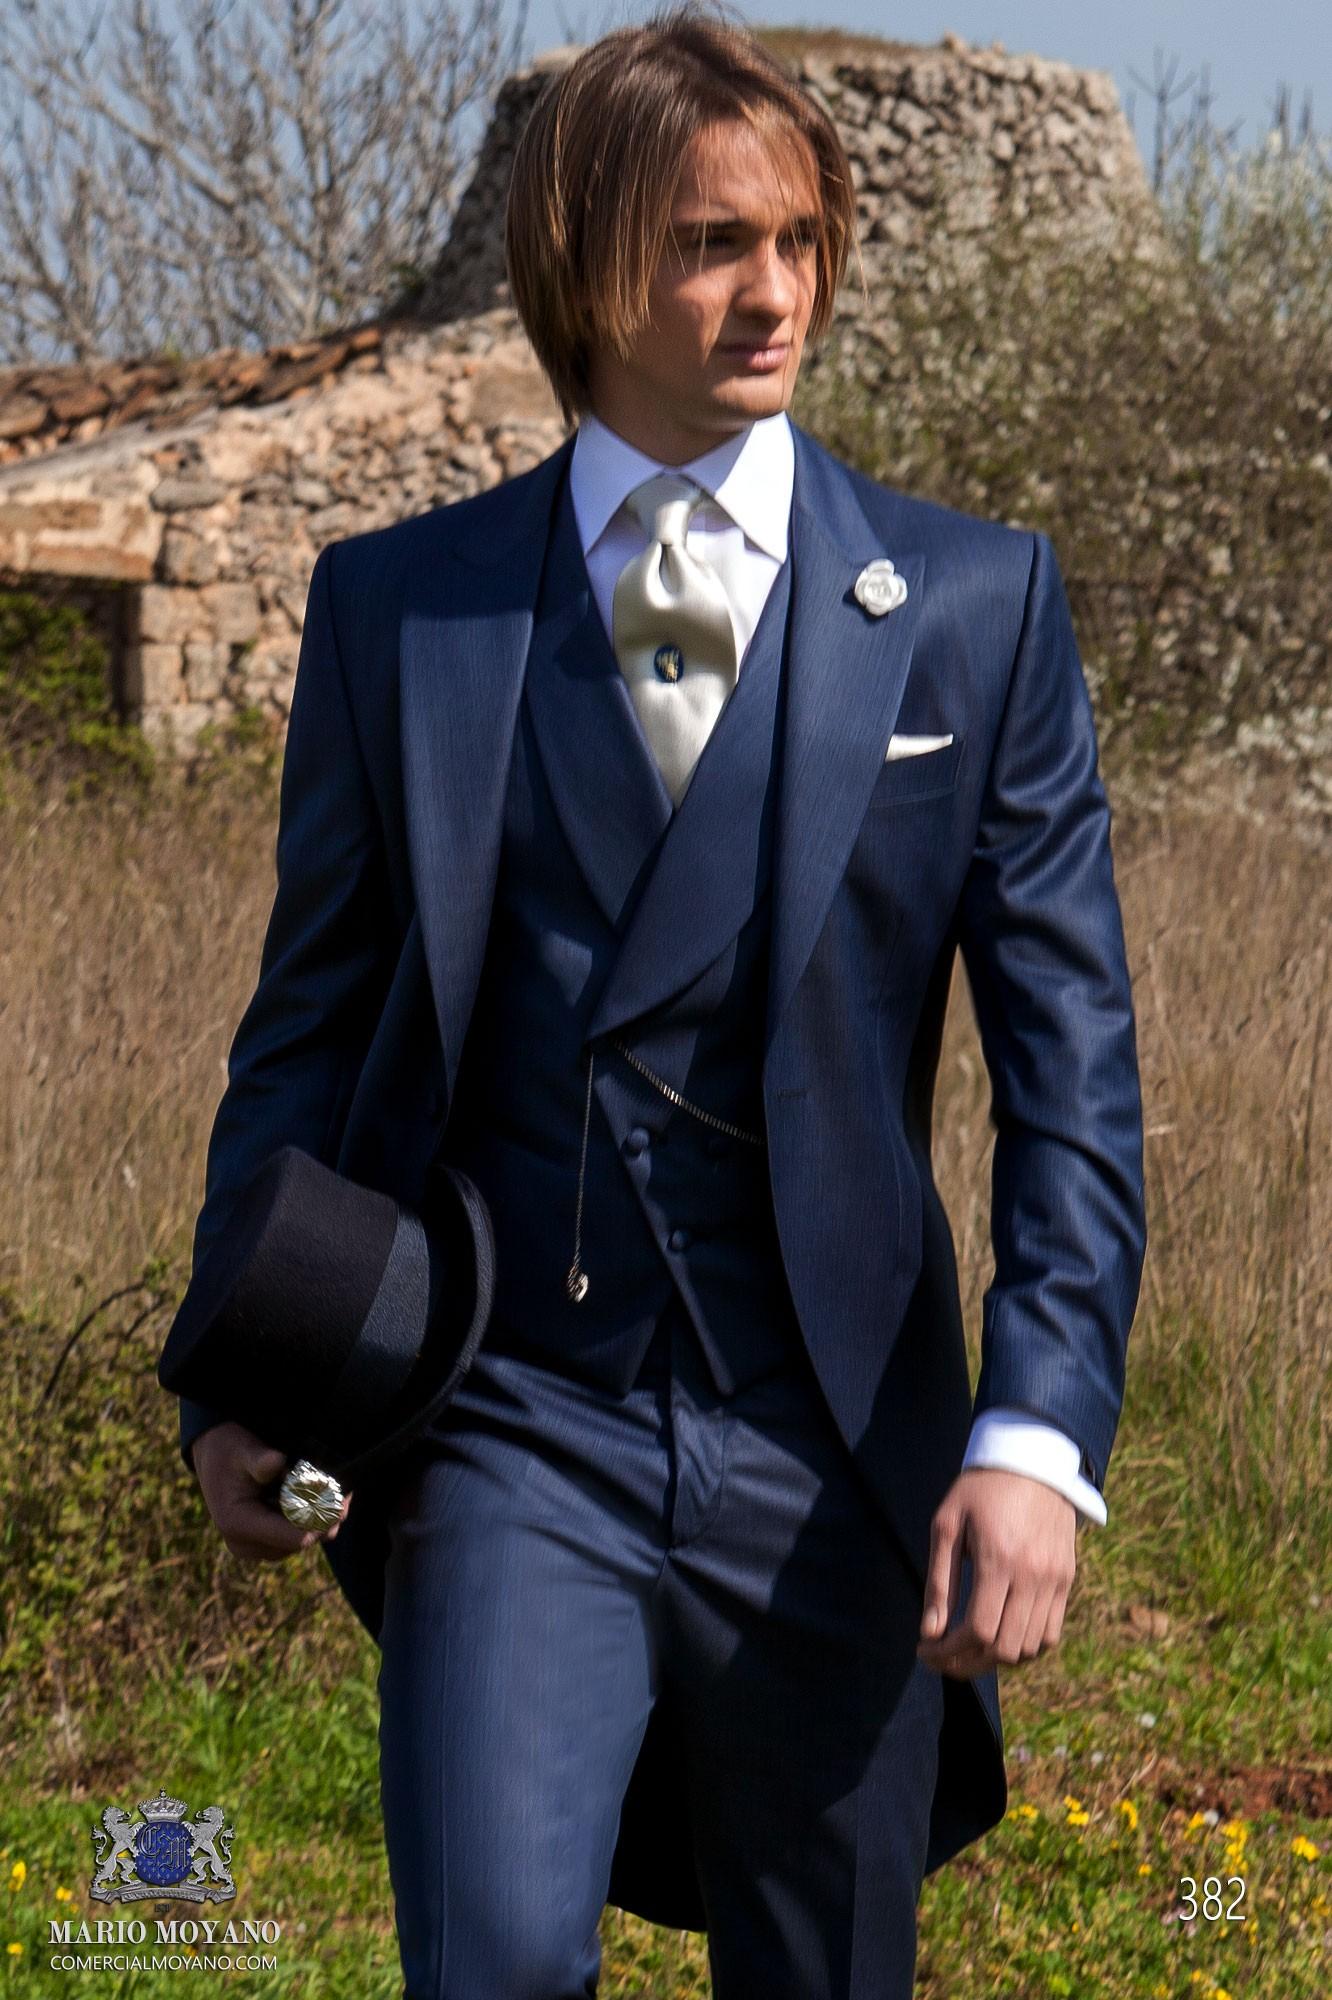 Traje de novio italiano azul modelo: 382 Ottavio Nuccio Gala colección Gentleman